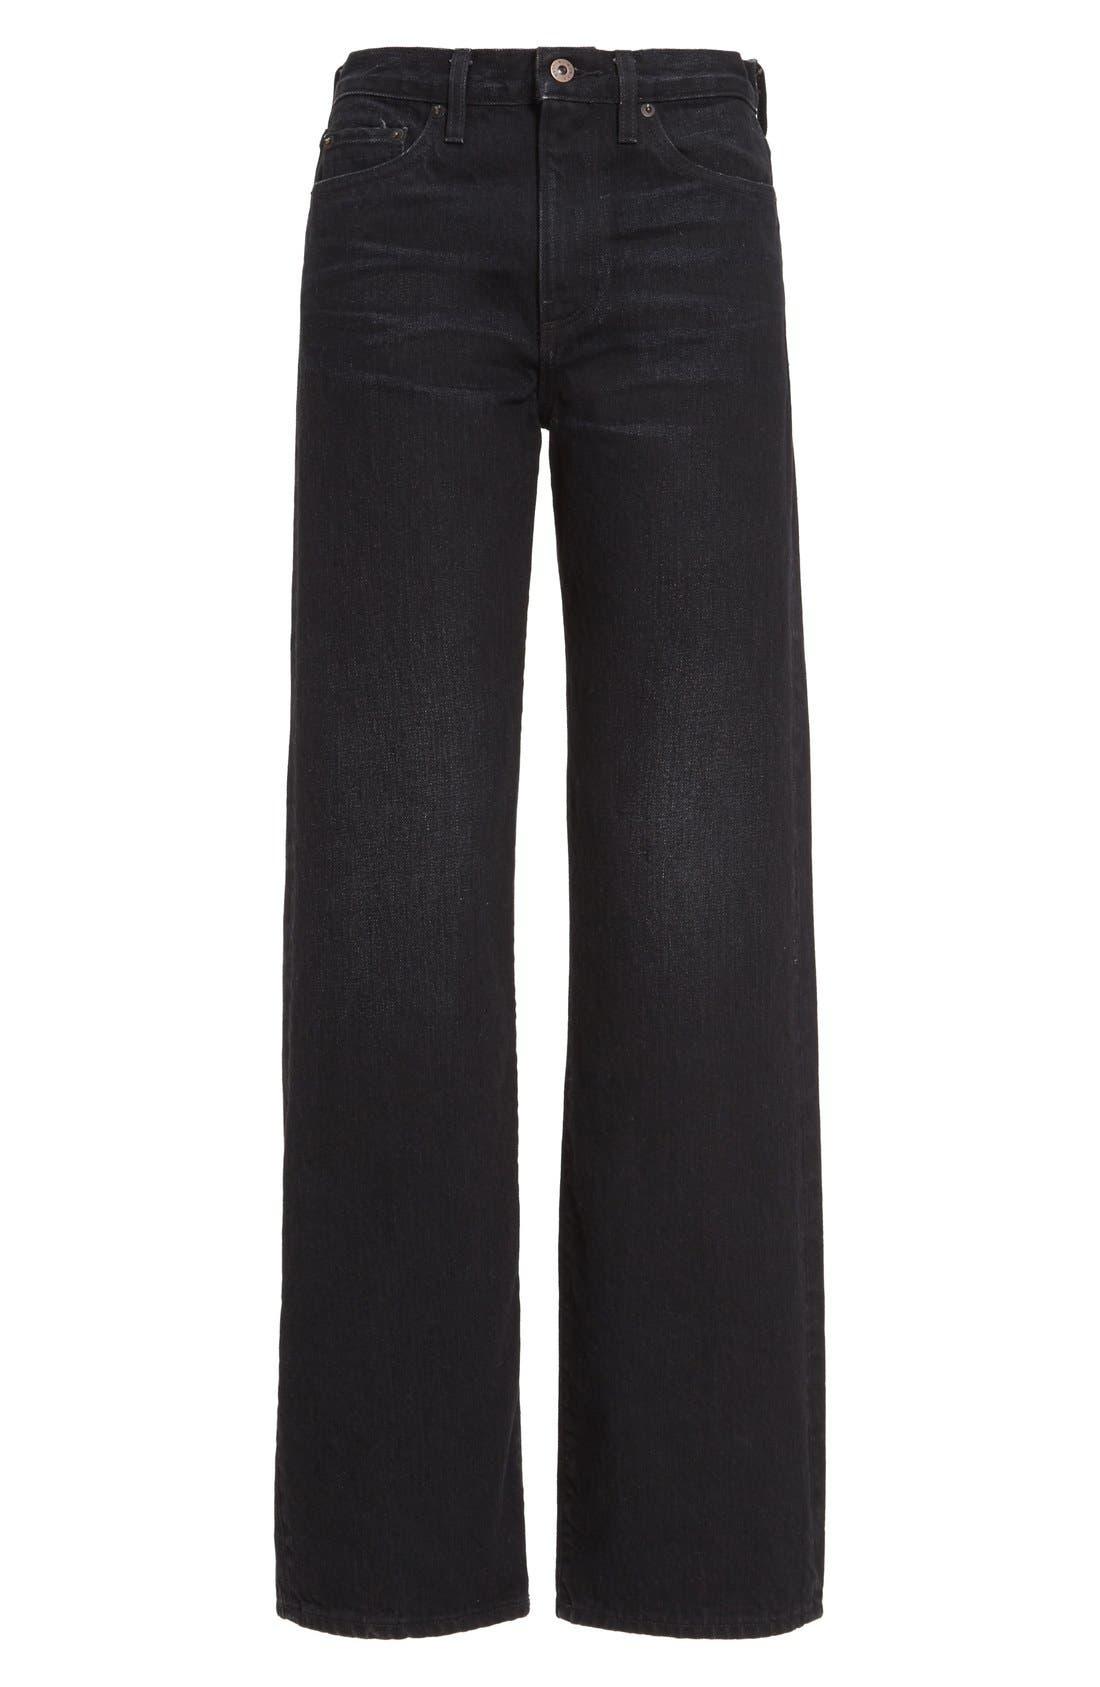 Alternate Image 4  - Simon Miller Wide Leg Jeans (Black)